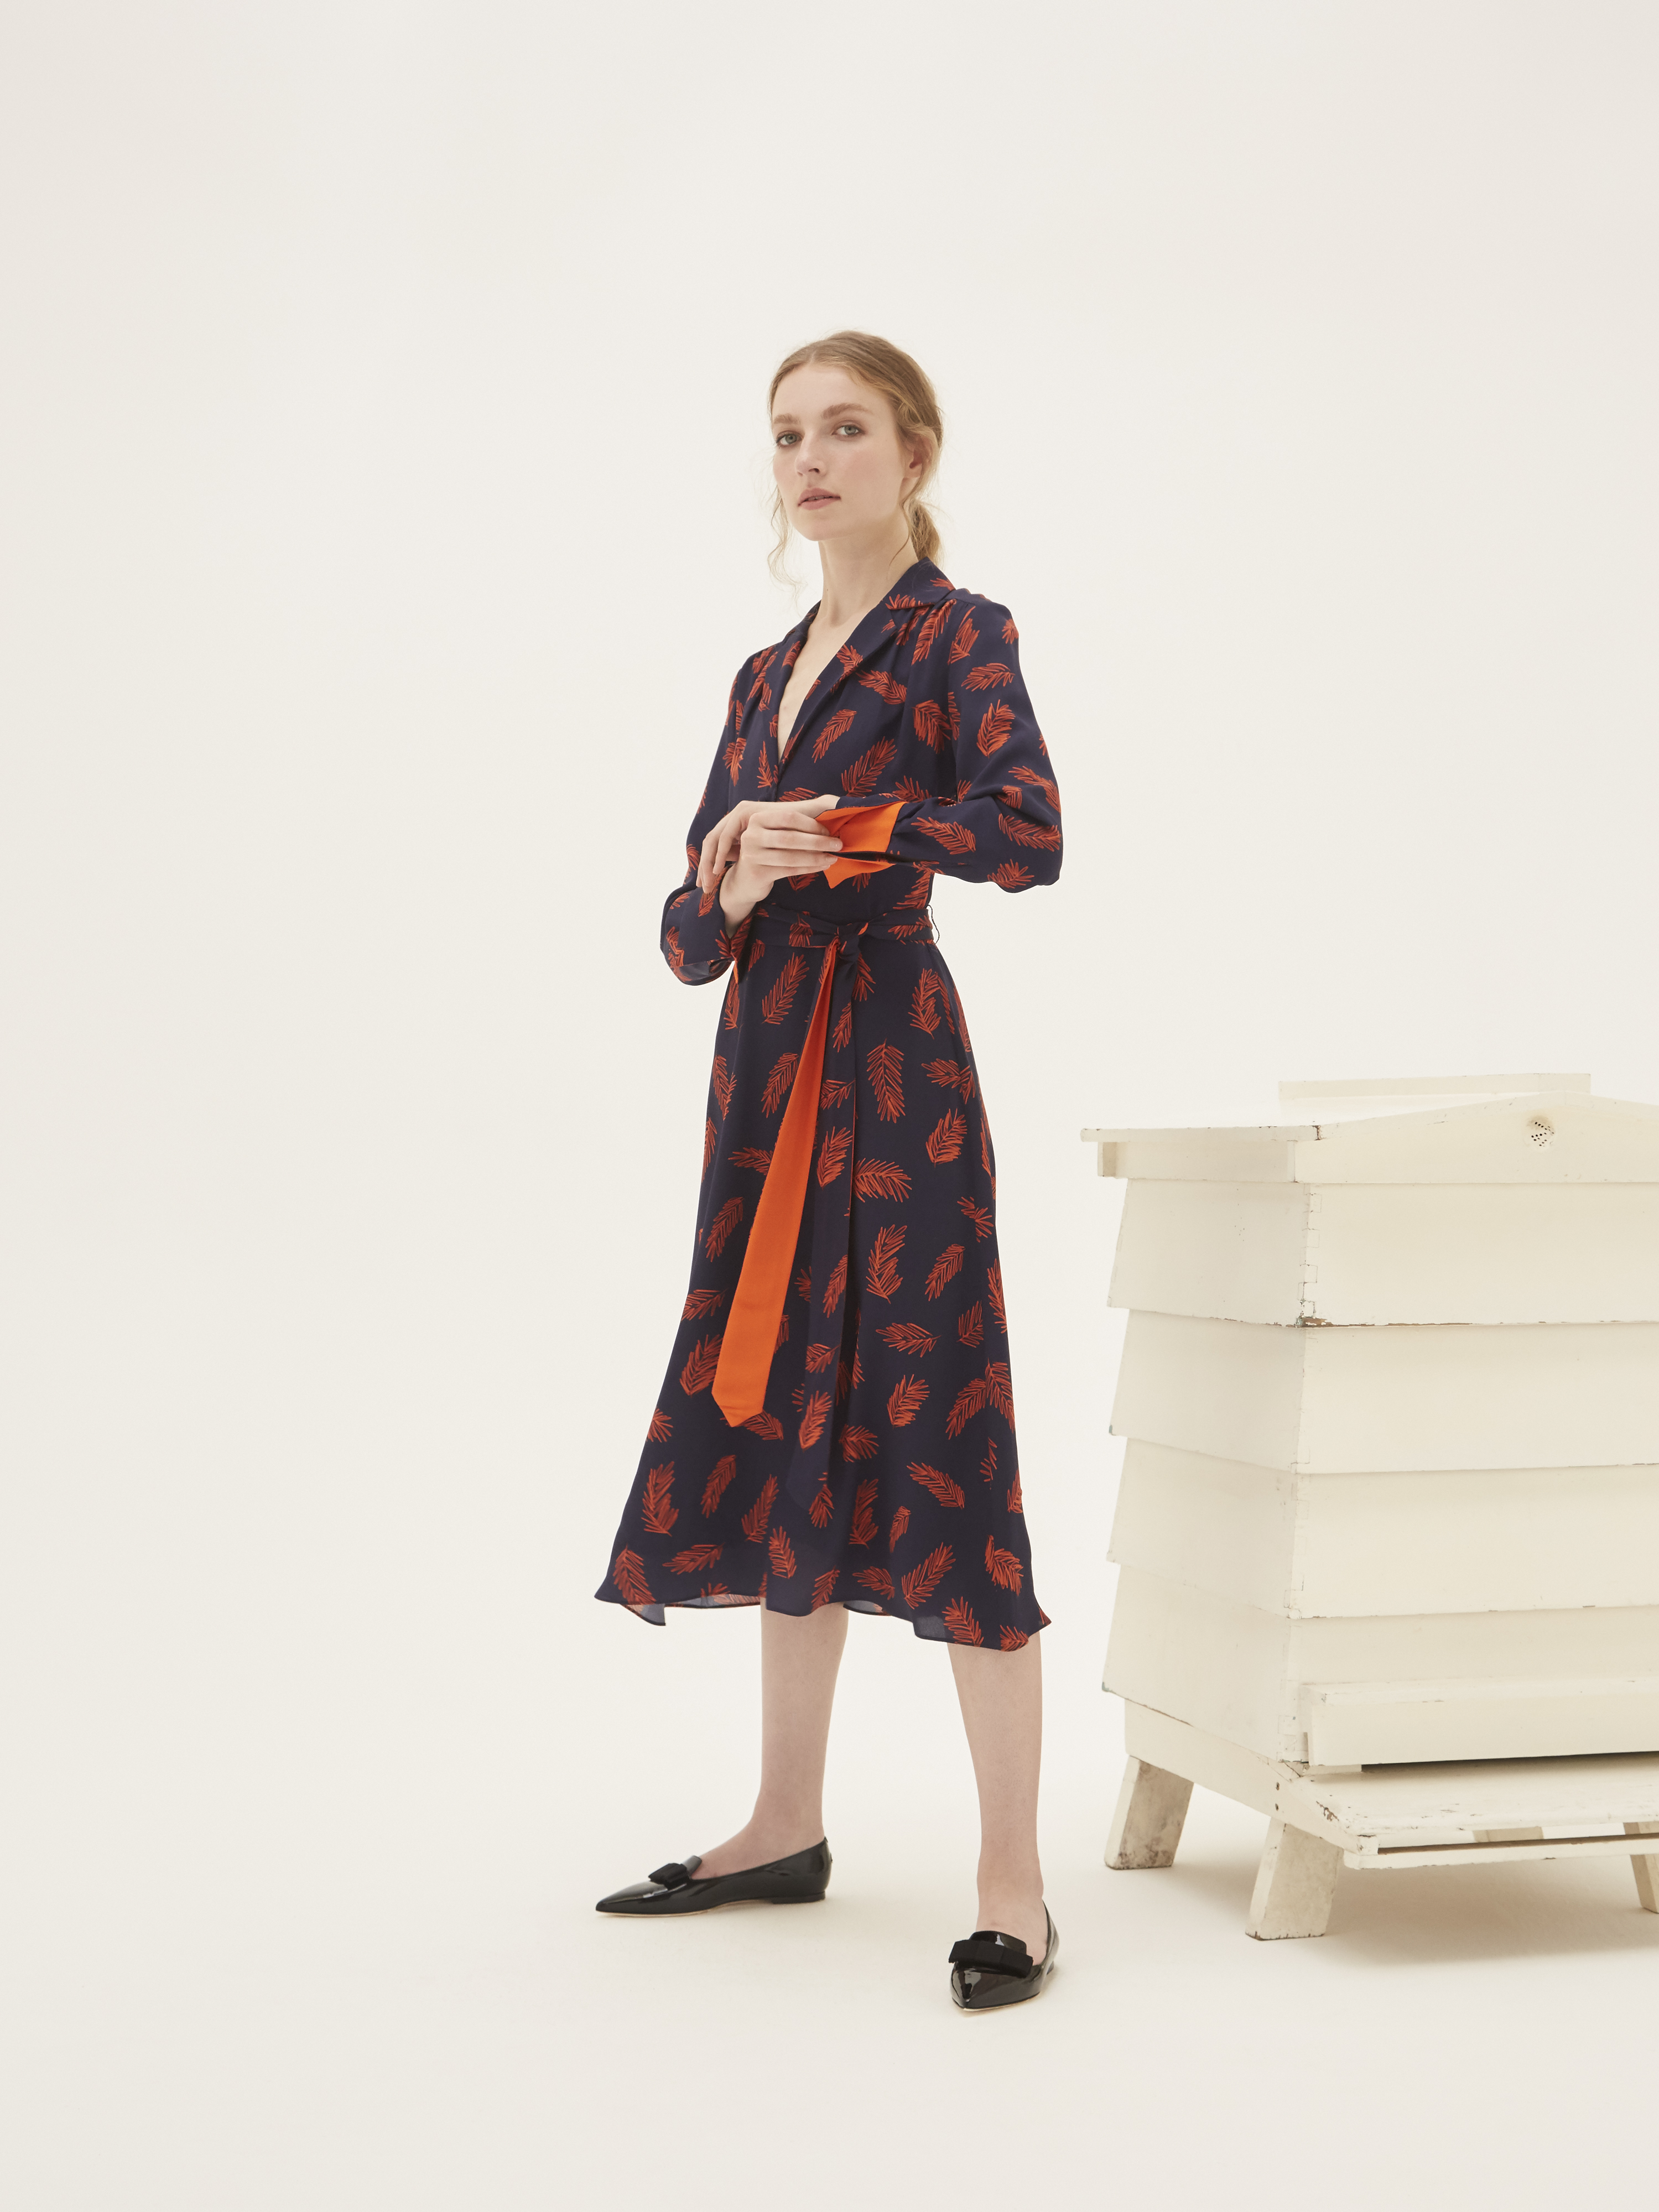 Setae Dress by Bozena Jankowska on curated-crowd.com